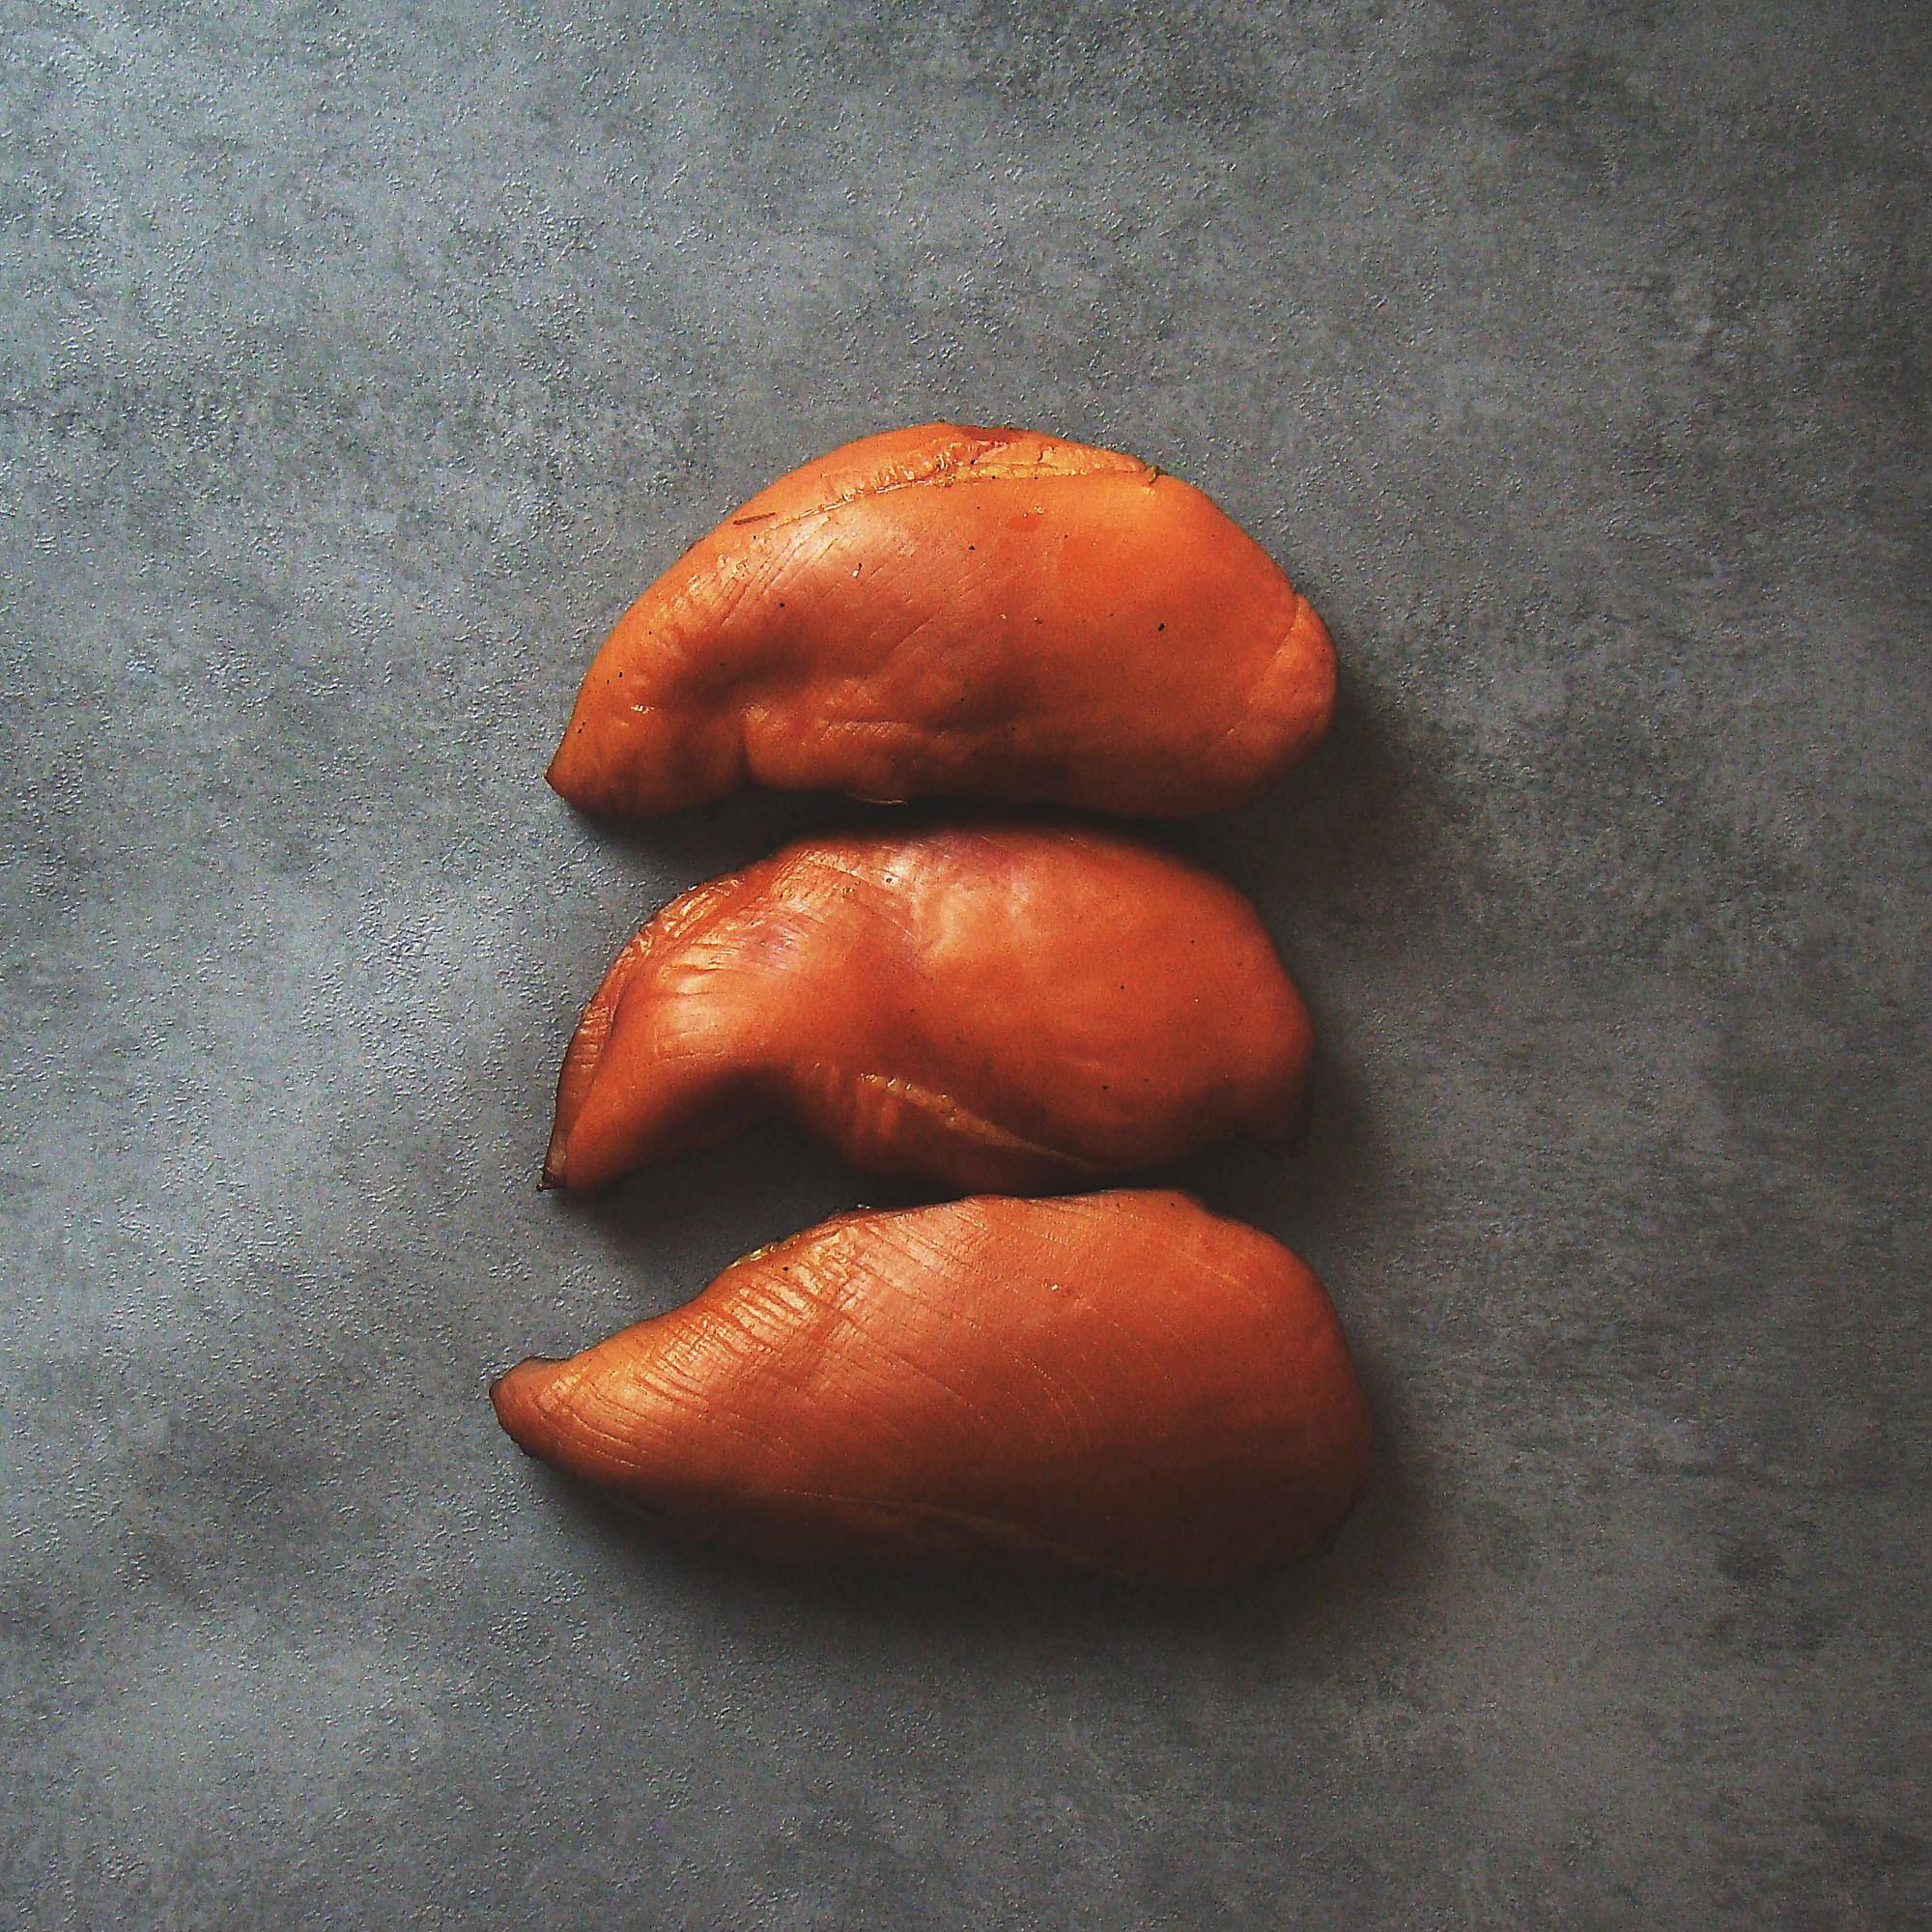 [햄플리즈]스모크-스팀 닭가슴살햄, 1팩(1kg)